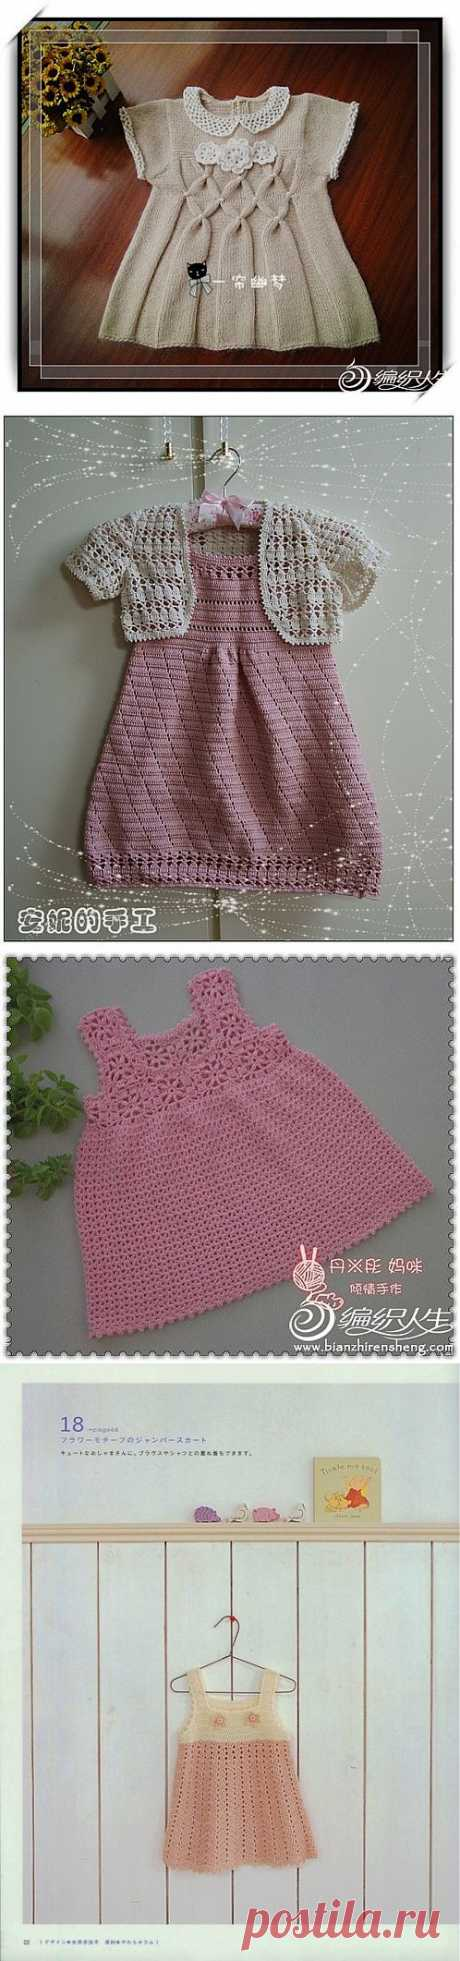 Связать красивое платье для девочки..